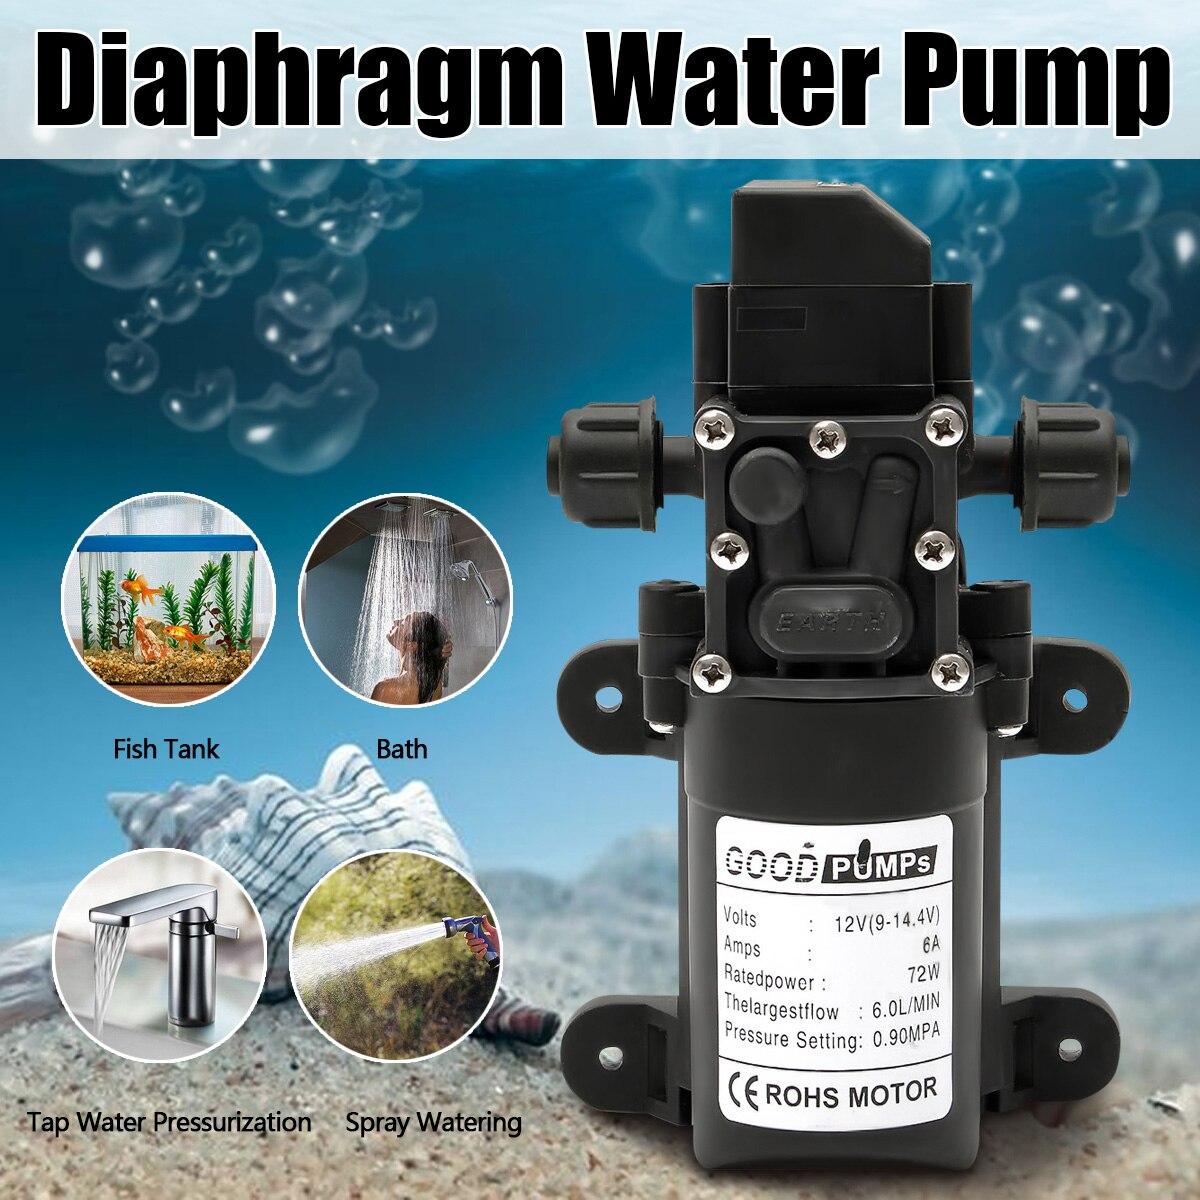 Водяной насос 12В 6А 72 Вт 130PSI 6л/мин стабильный мембранный Водяной насос высокого давления защита от давления водяной опрыскиватель для карав...